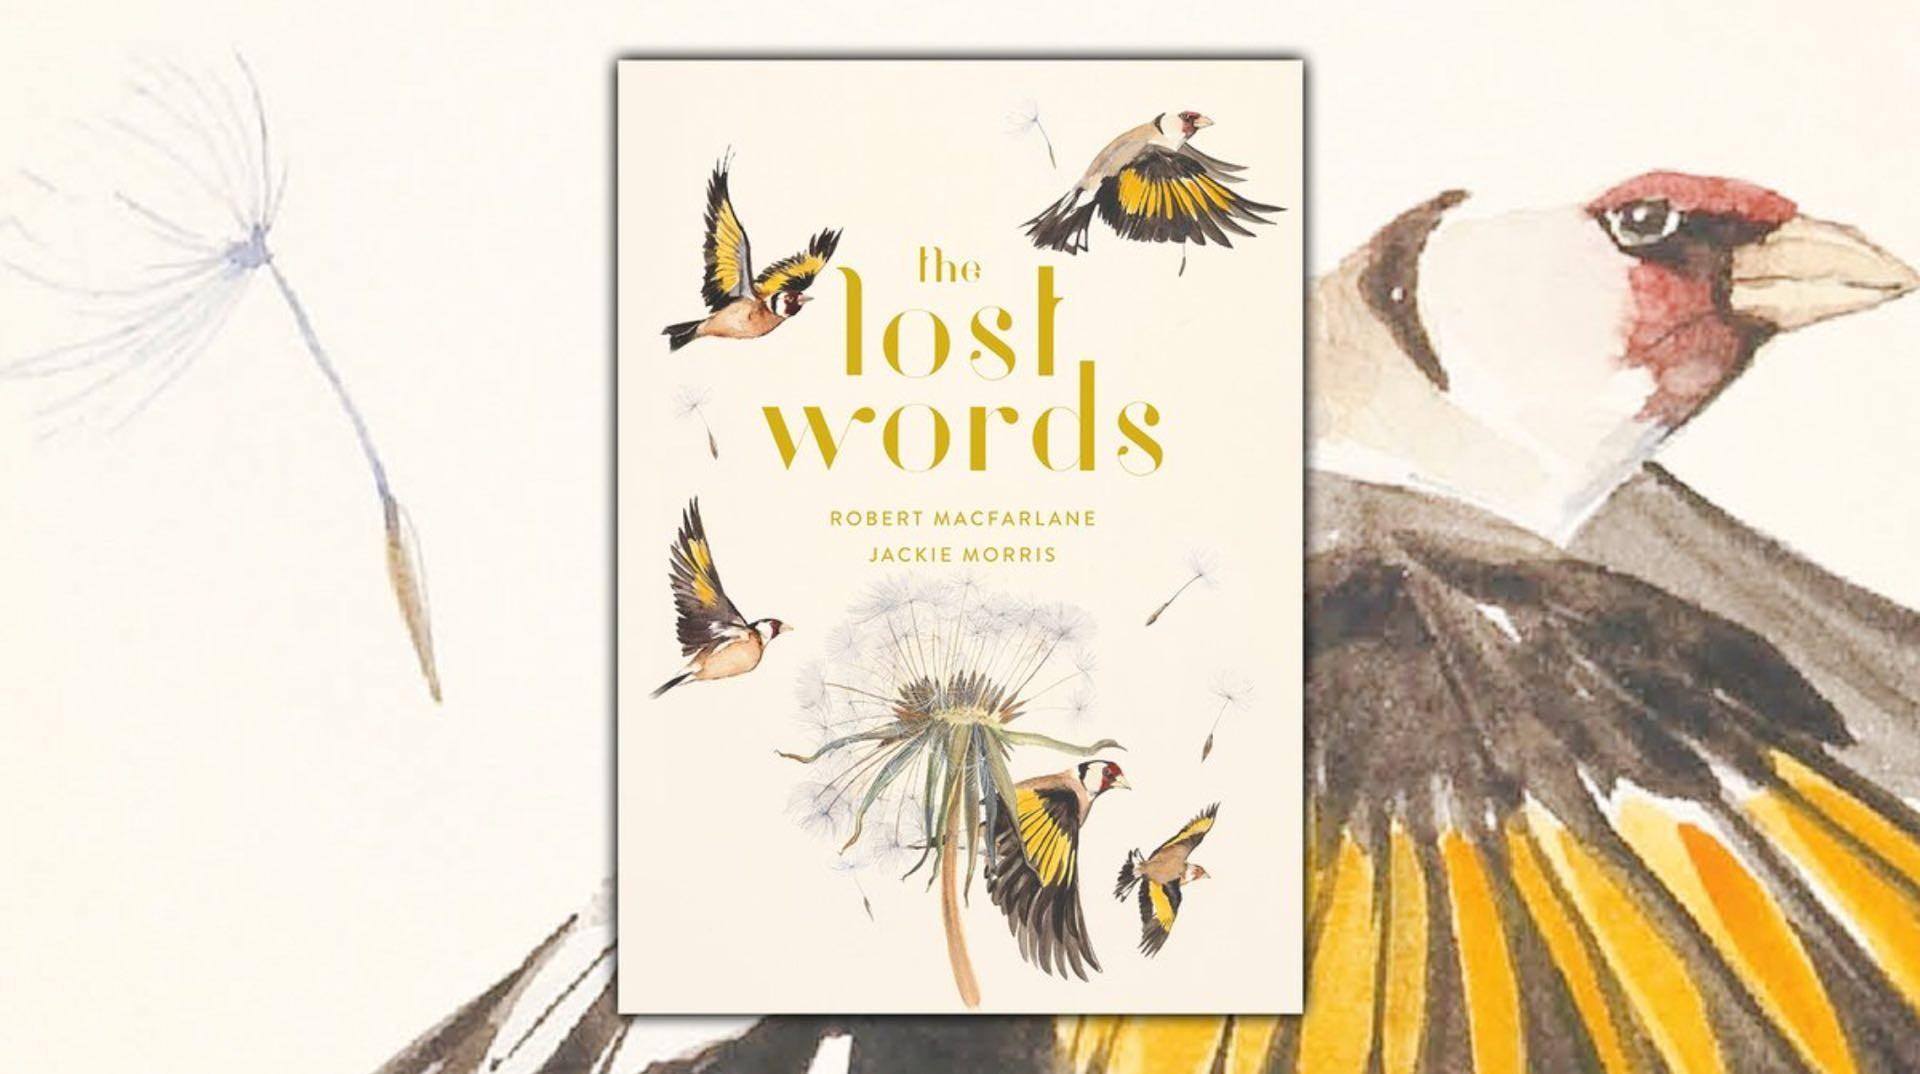 The Lost Words by Robert Macfarlane and Jackie Morris. ($26 hardcover)